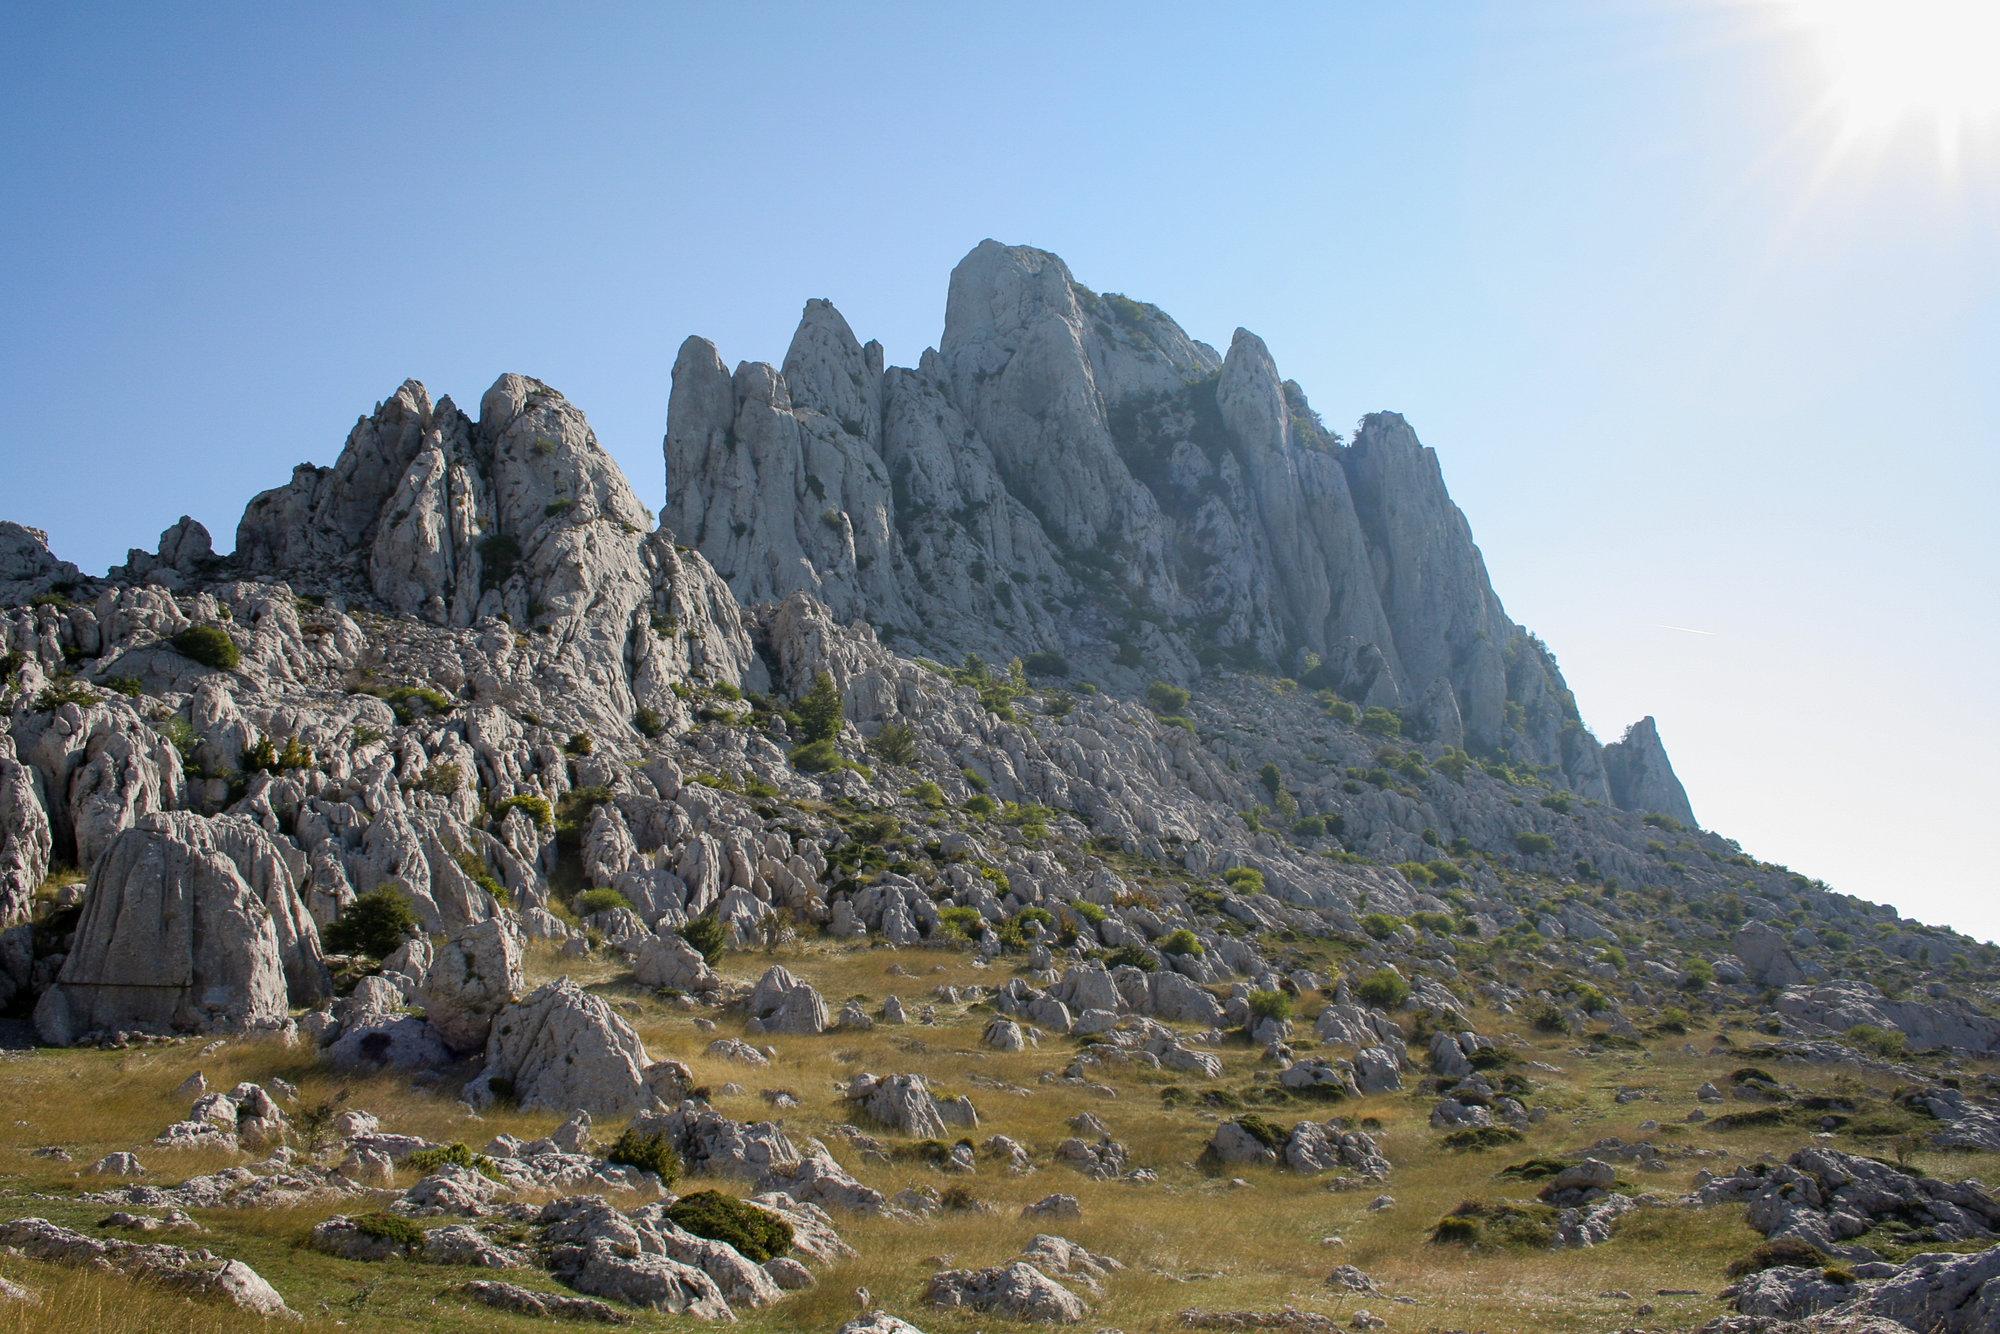 приметный горный массив Тулове-Греде